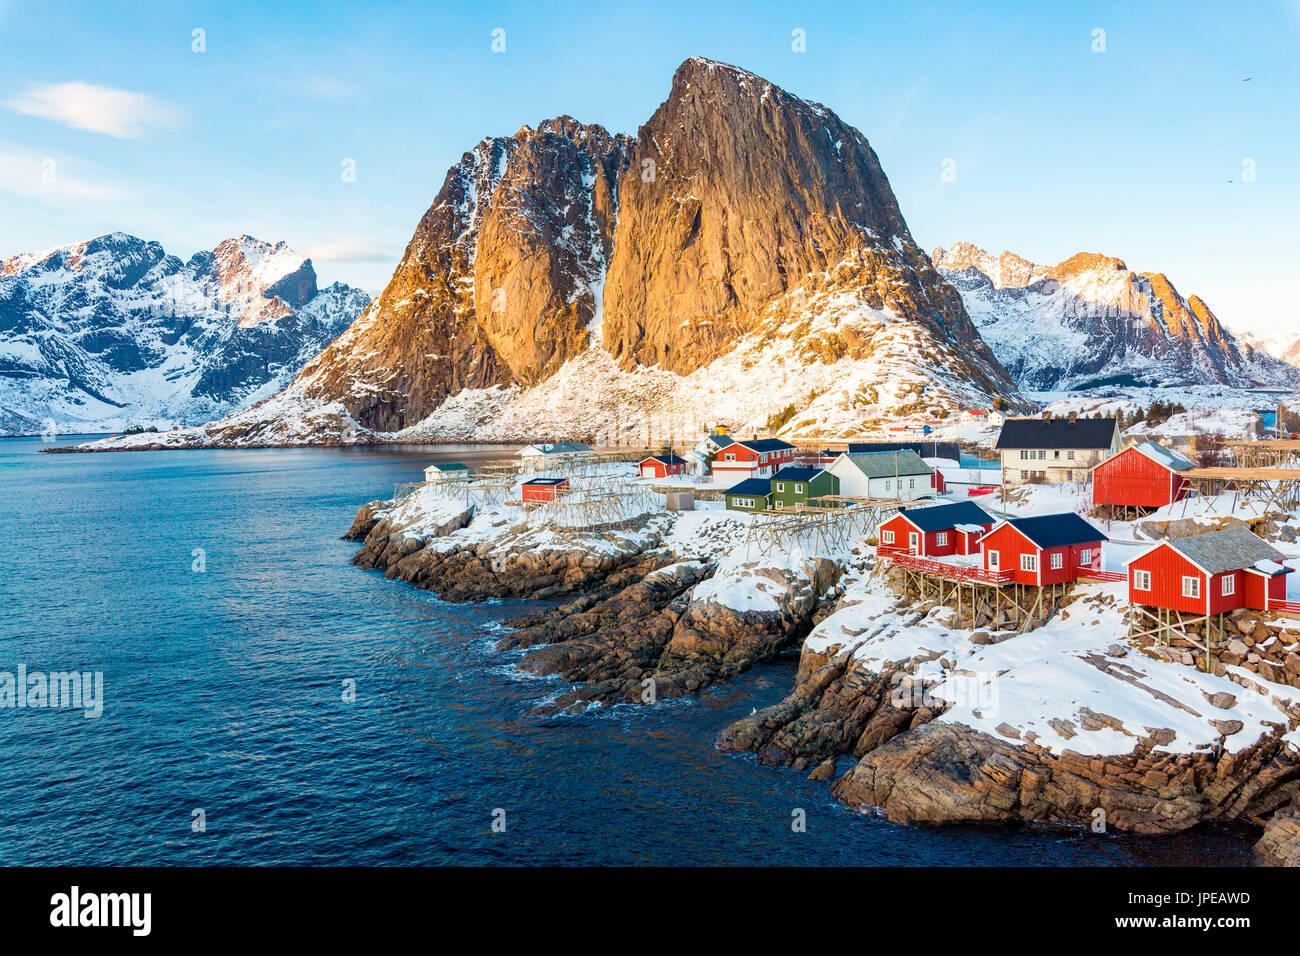 Hamnoy, îles Lofoten, Norvège. L'hiver en vue d'une journée ensoleillée Photo Stock